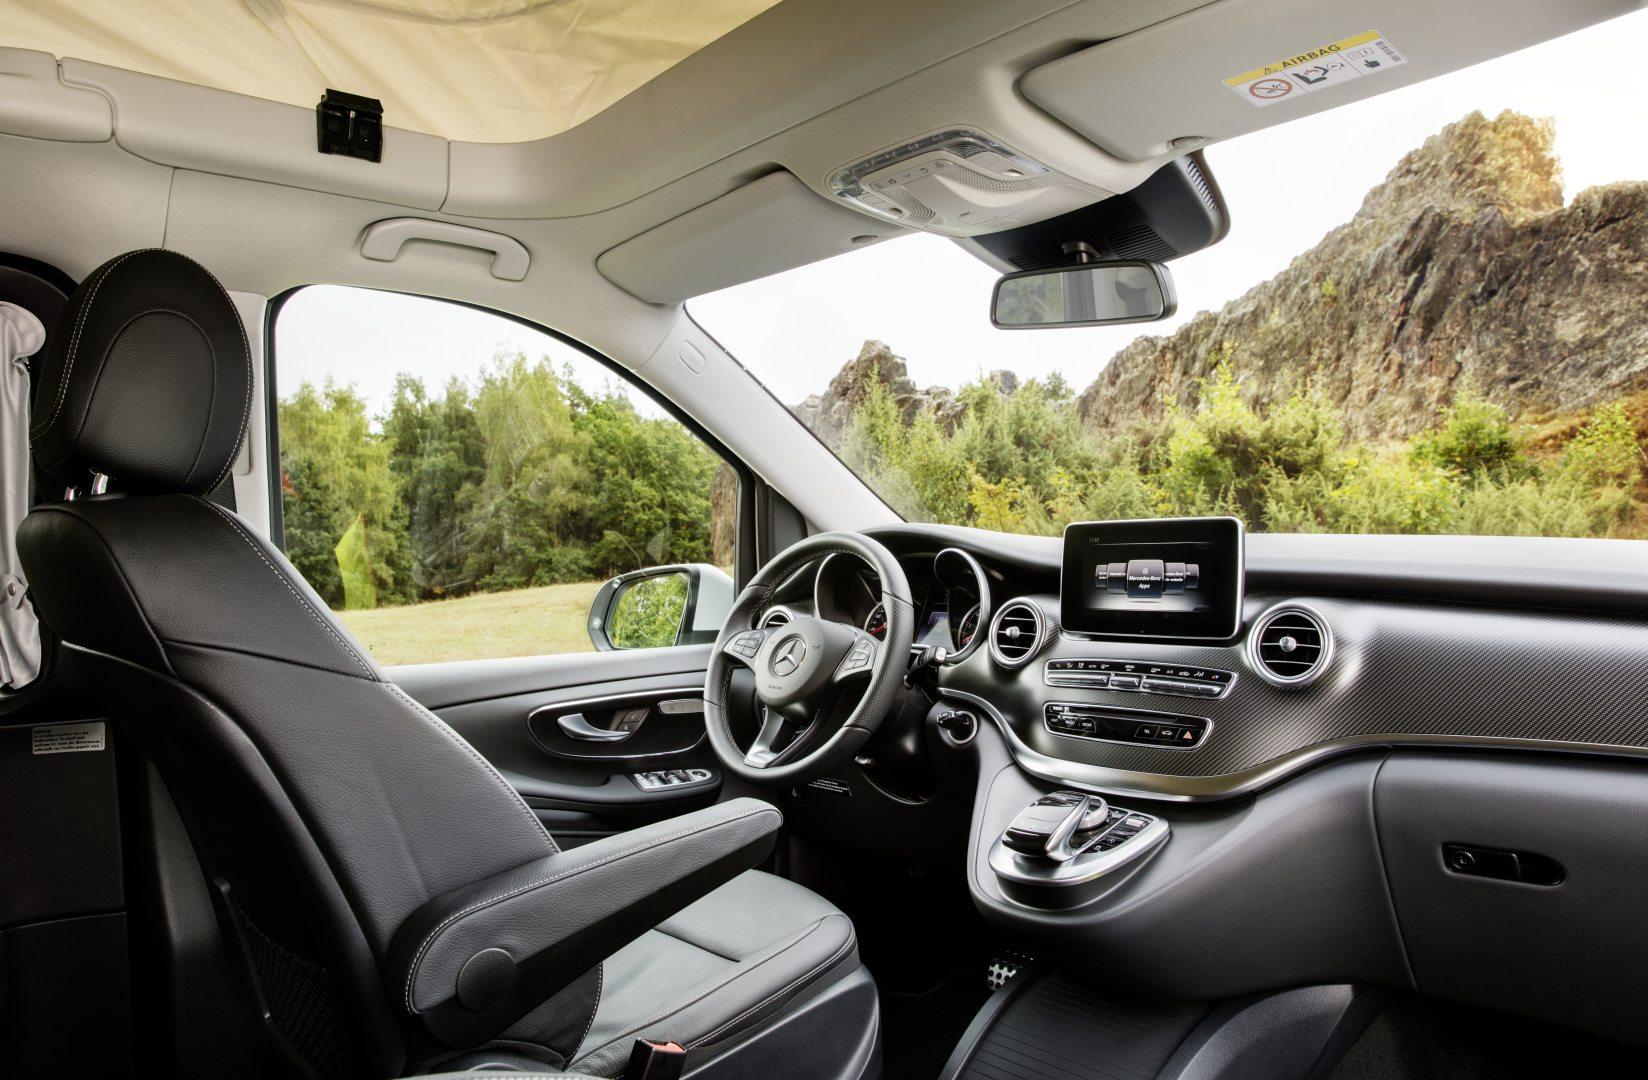 Mercedes-Benz Marco Polo HORIZONMercedes-Benz Marco Polo HORIZON